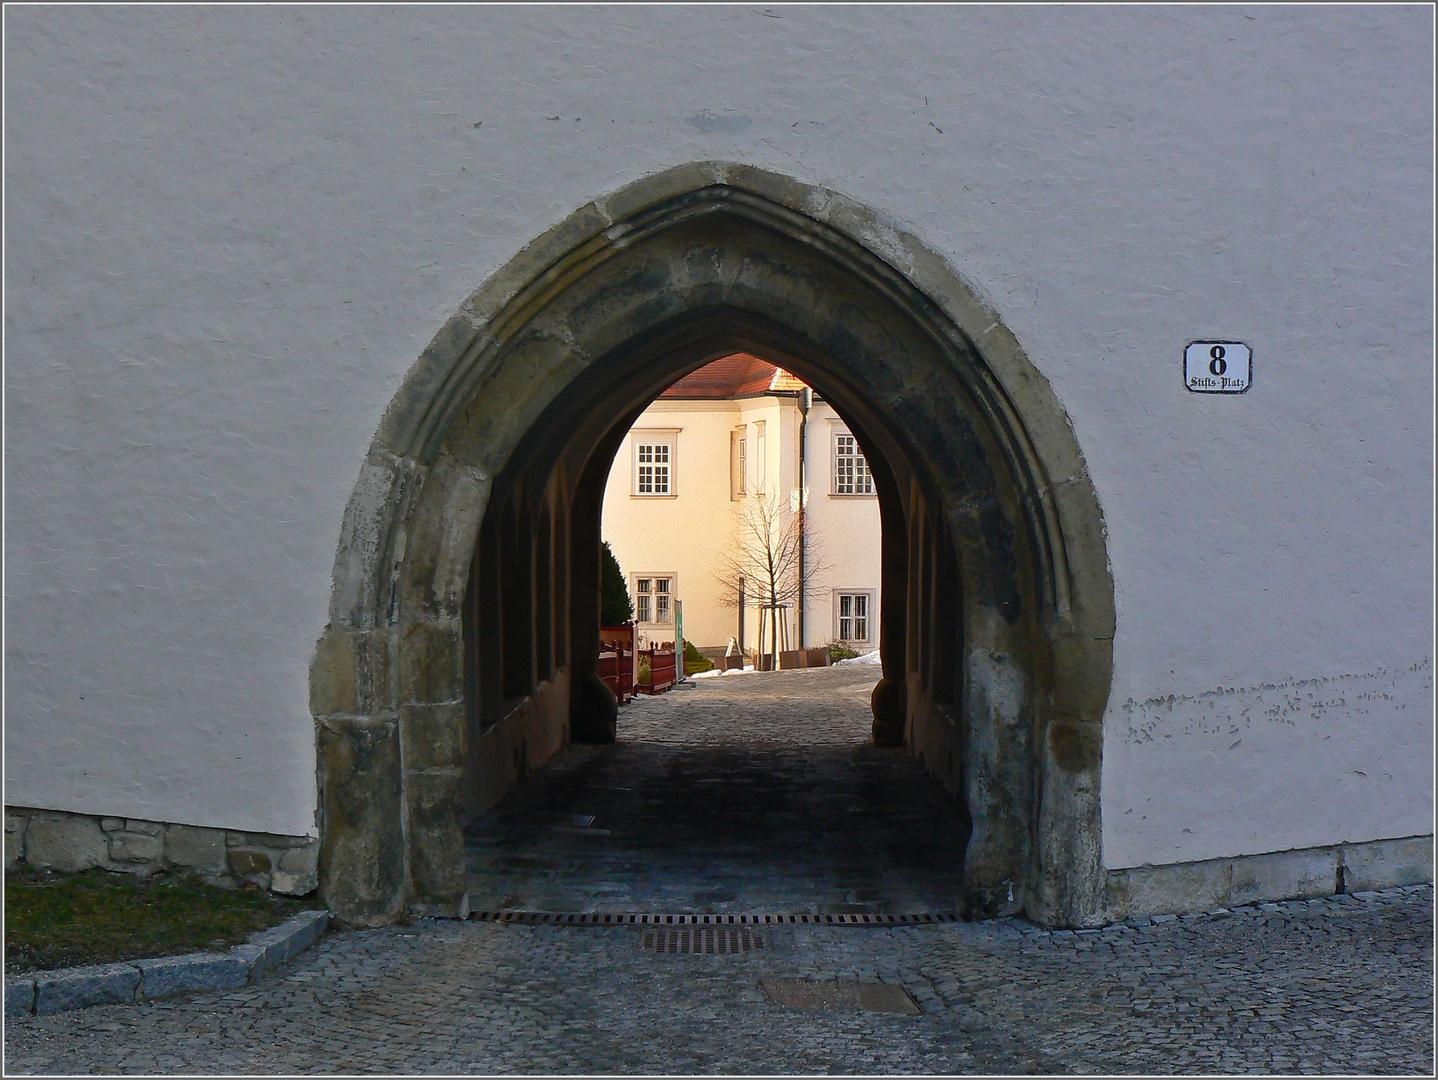 DURCHGANG - STIFT KLOSTERNEUBURG